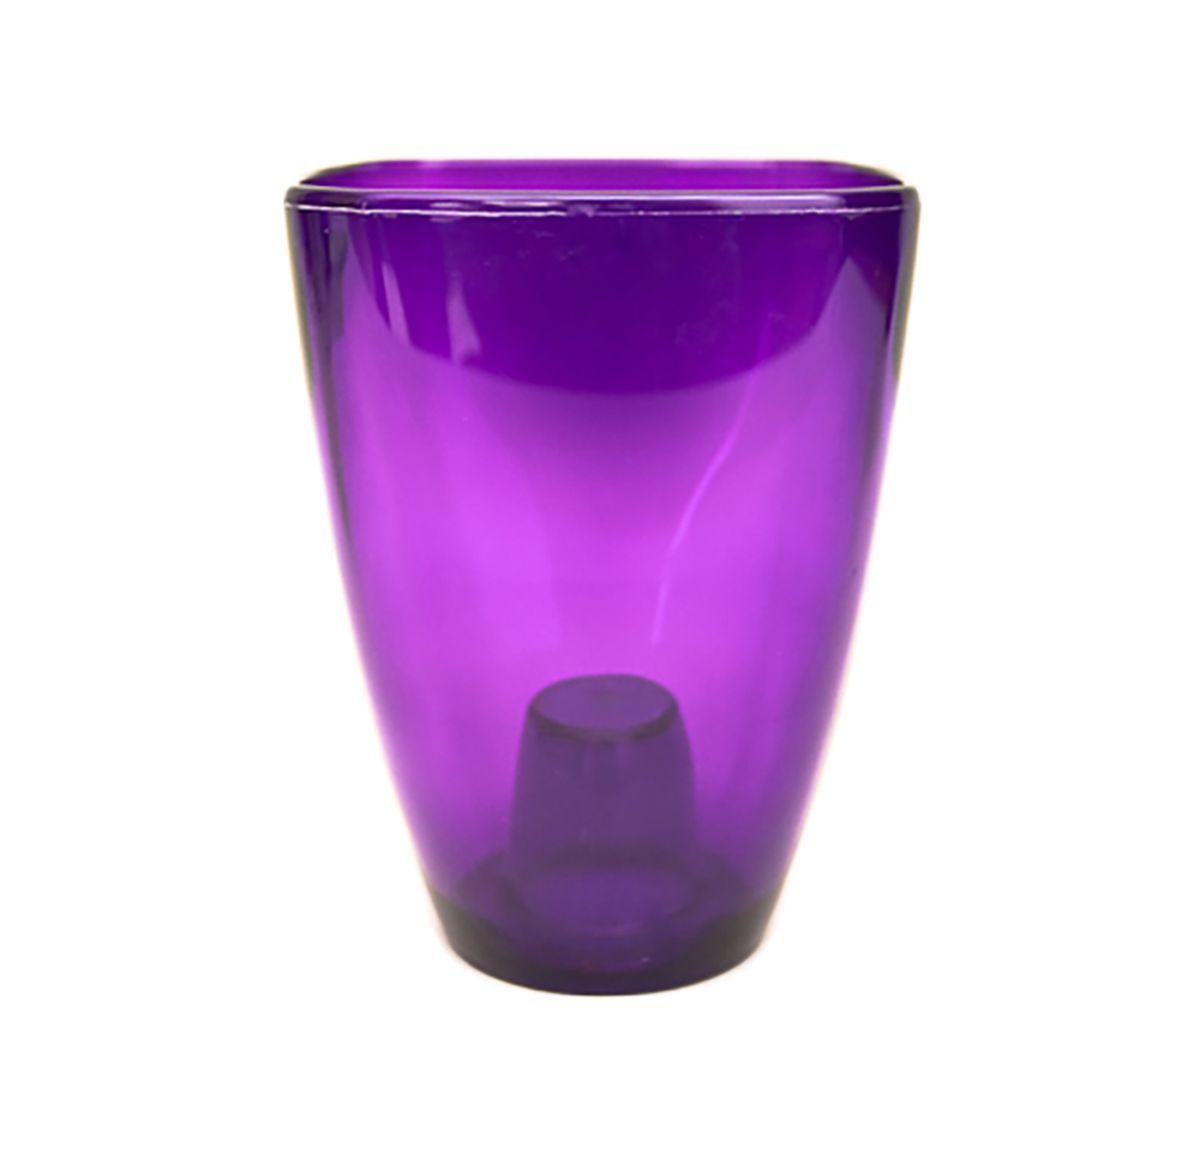 цена на Кашпо для орхидей Form-Plastic Орхидея, цвет: фиолетовый, 2,8 л